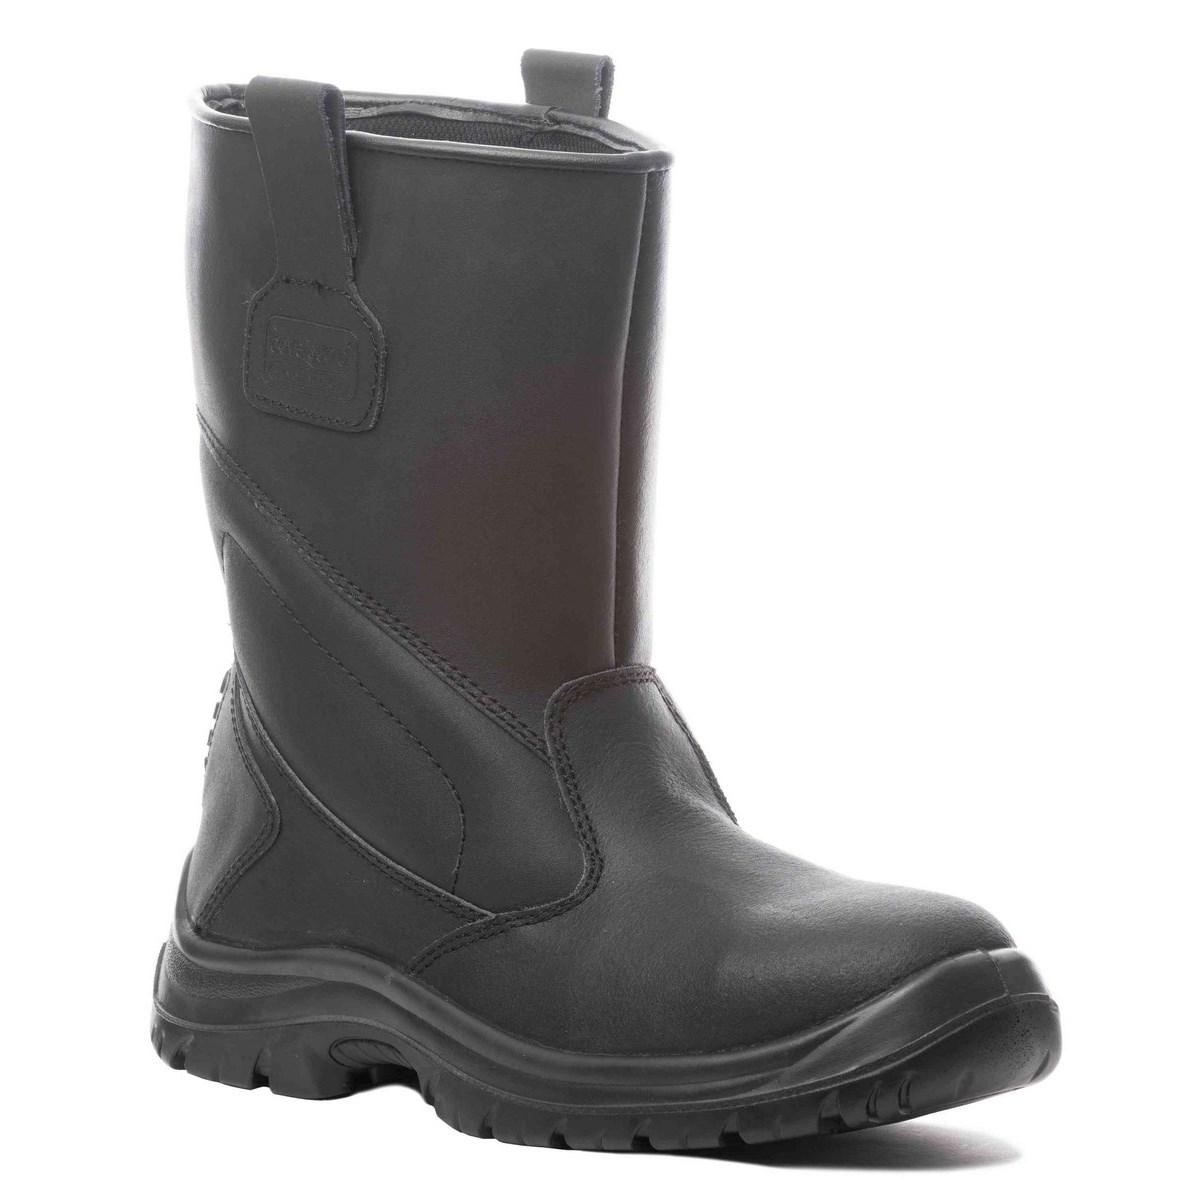 PLATINUM (S3 CK) fekete színbőr, kompozit lábujjvédő, Welmax